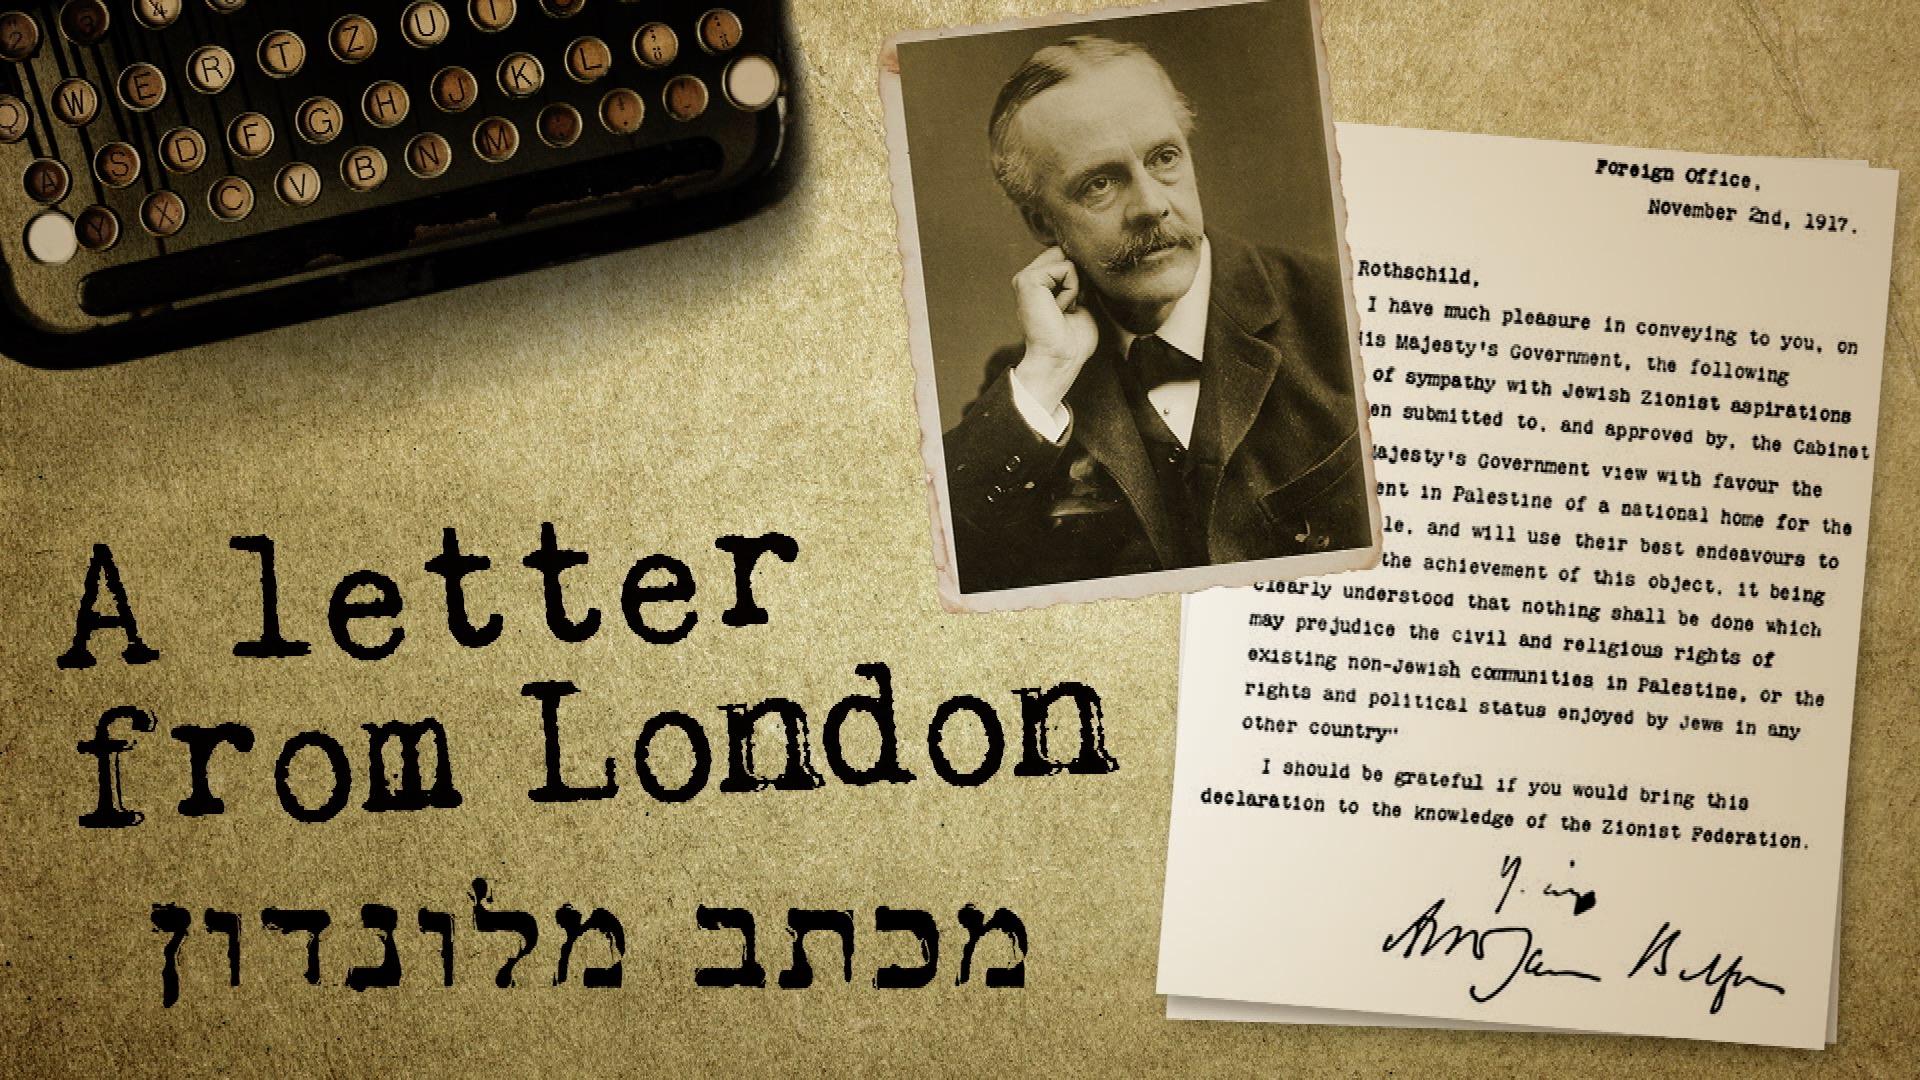 הסרט מכתב מלונדון קרדיט גביע מדיה